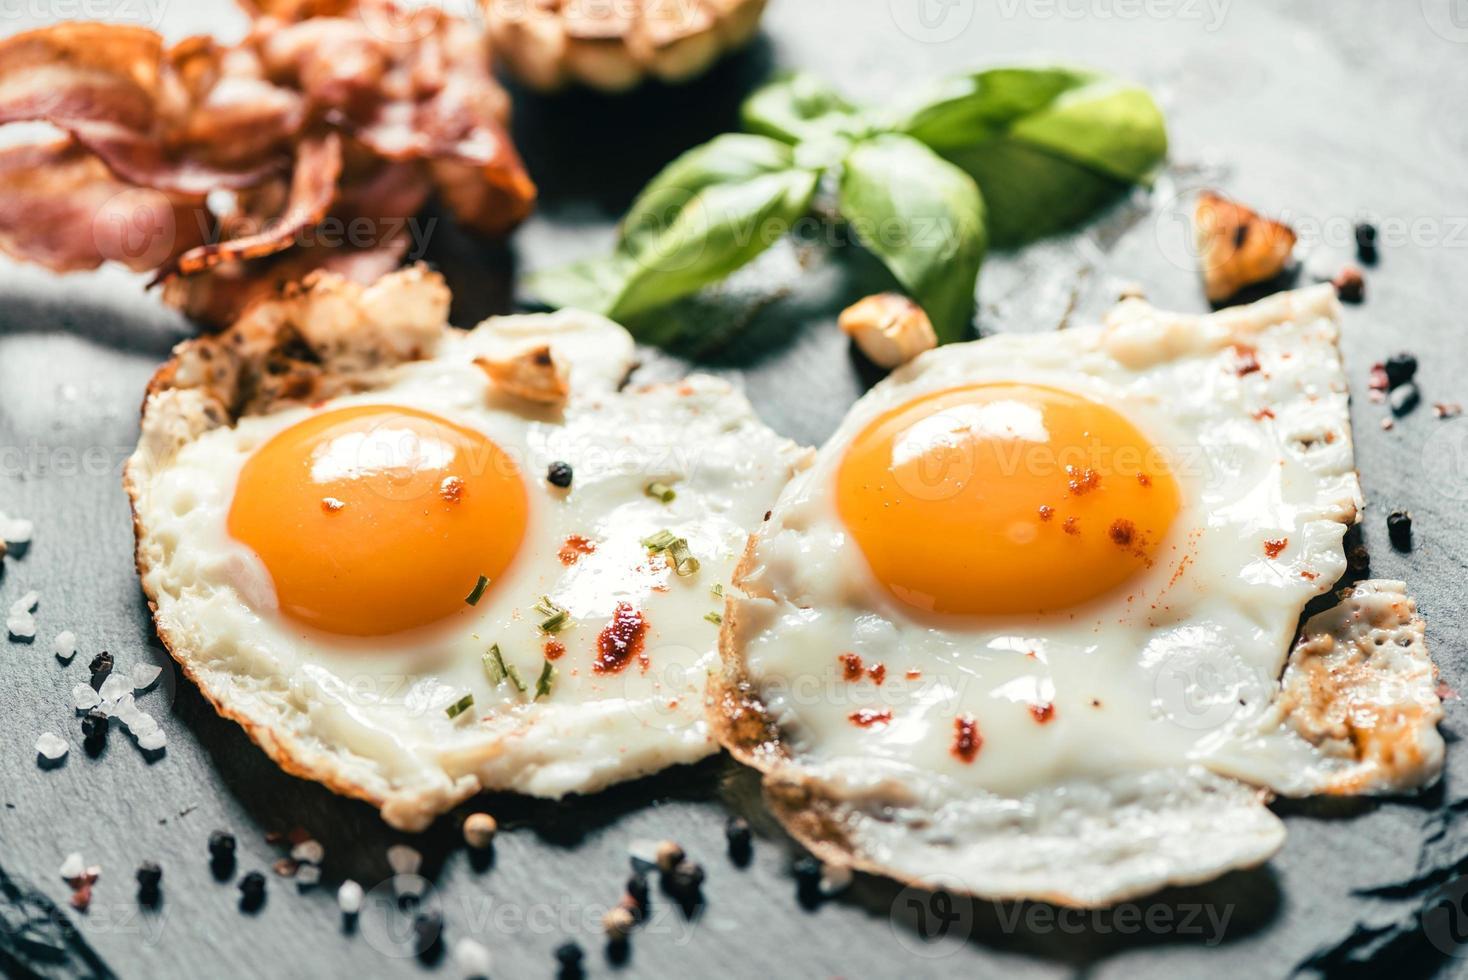 geserveerd gebakken eieren foto